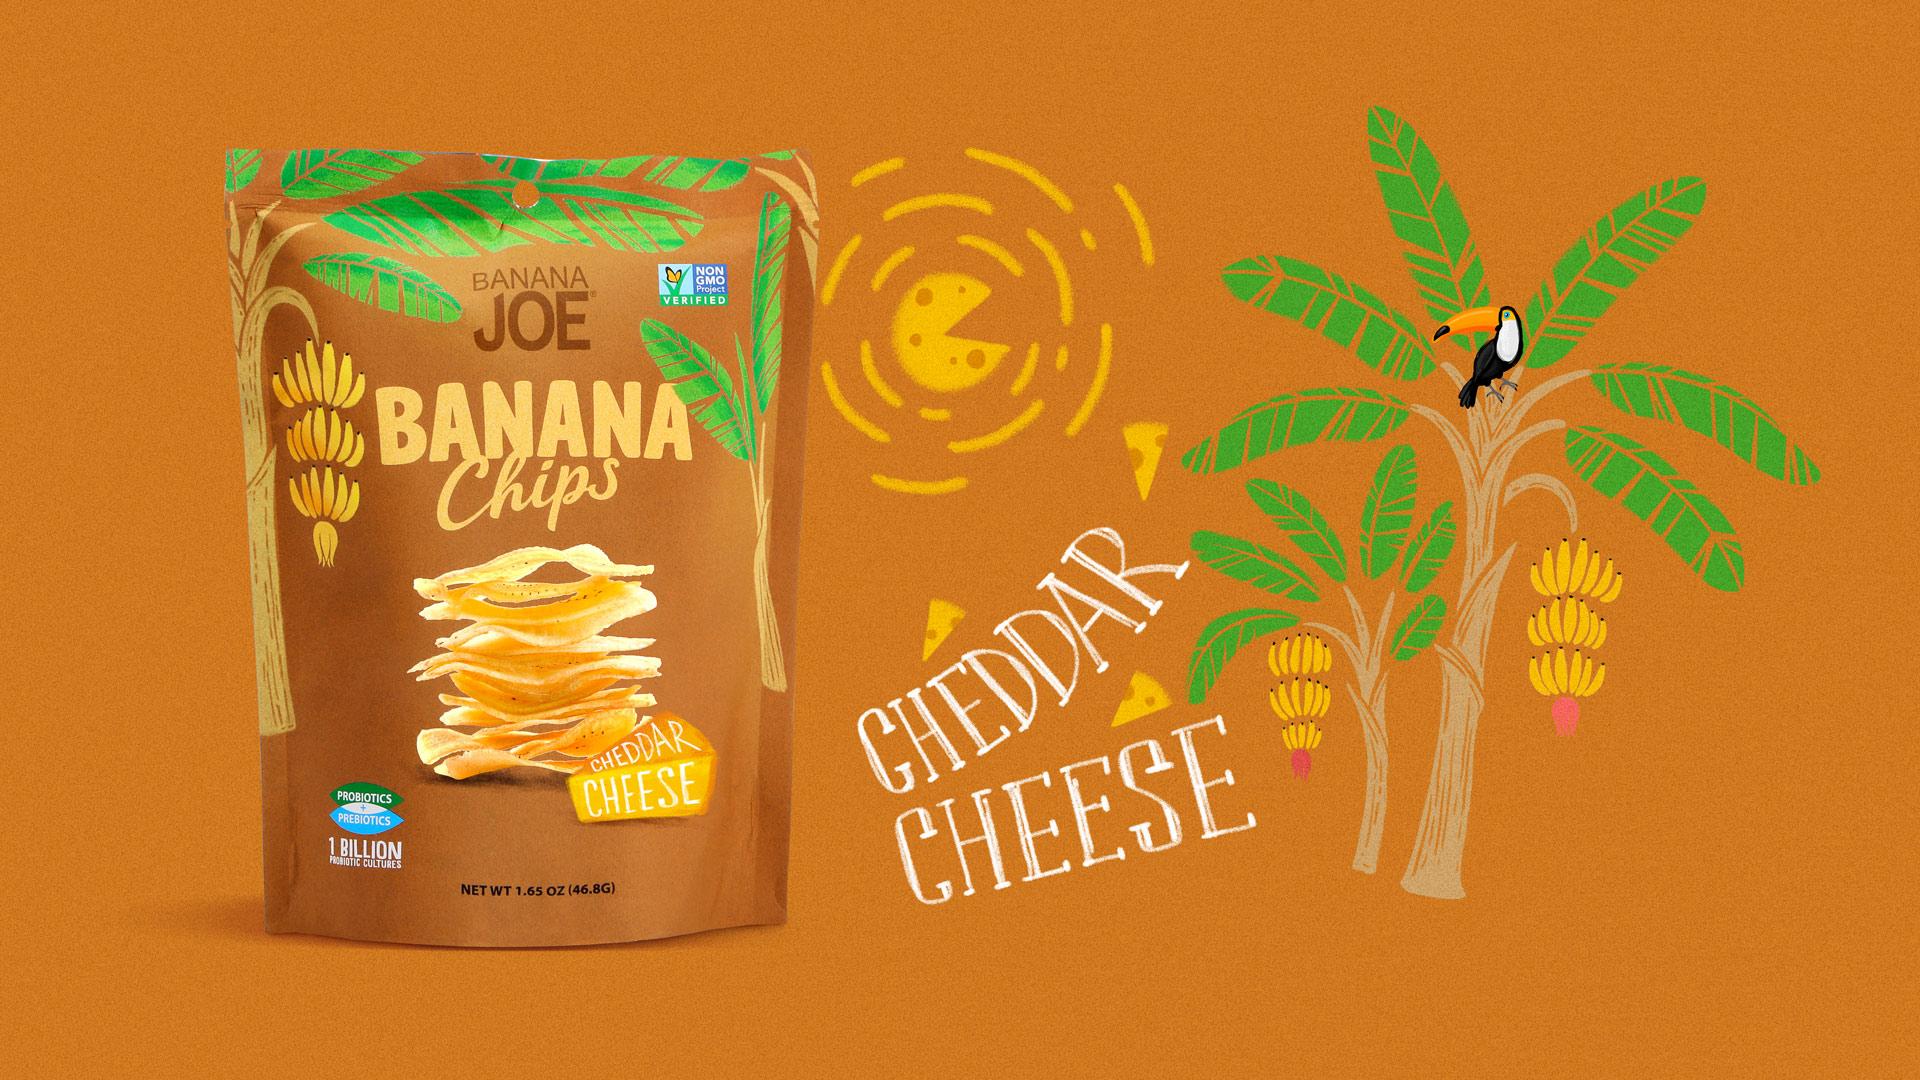 Дизайн упаковки Banana Joe Banana Joe